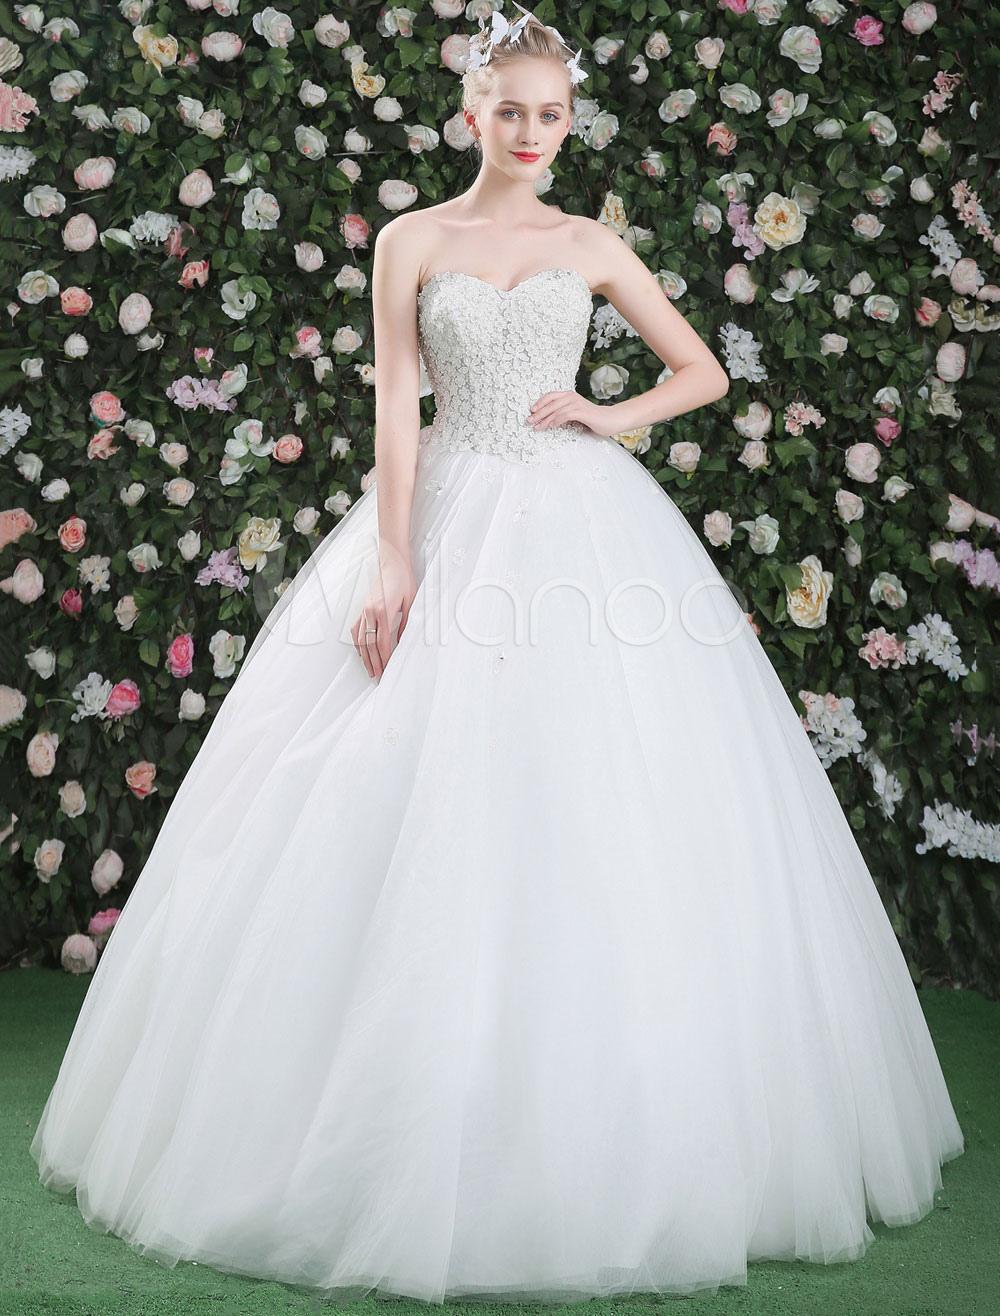 Vestidos de novia estilo princesa con escote corazon